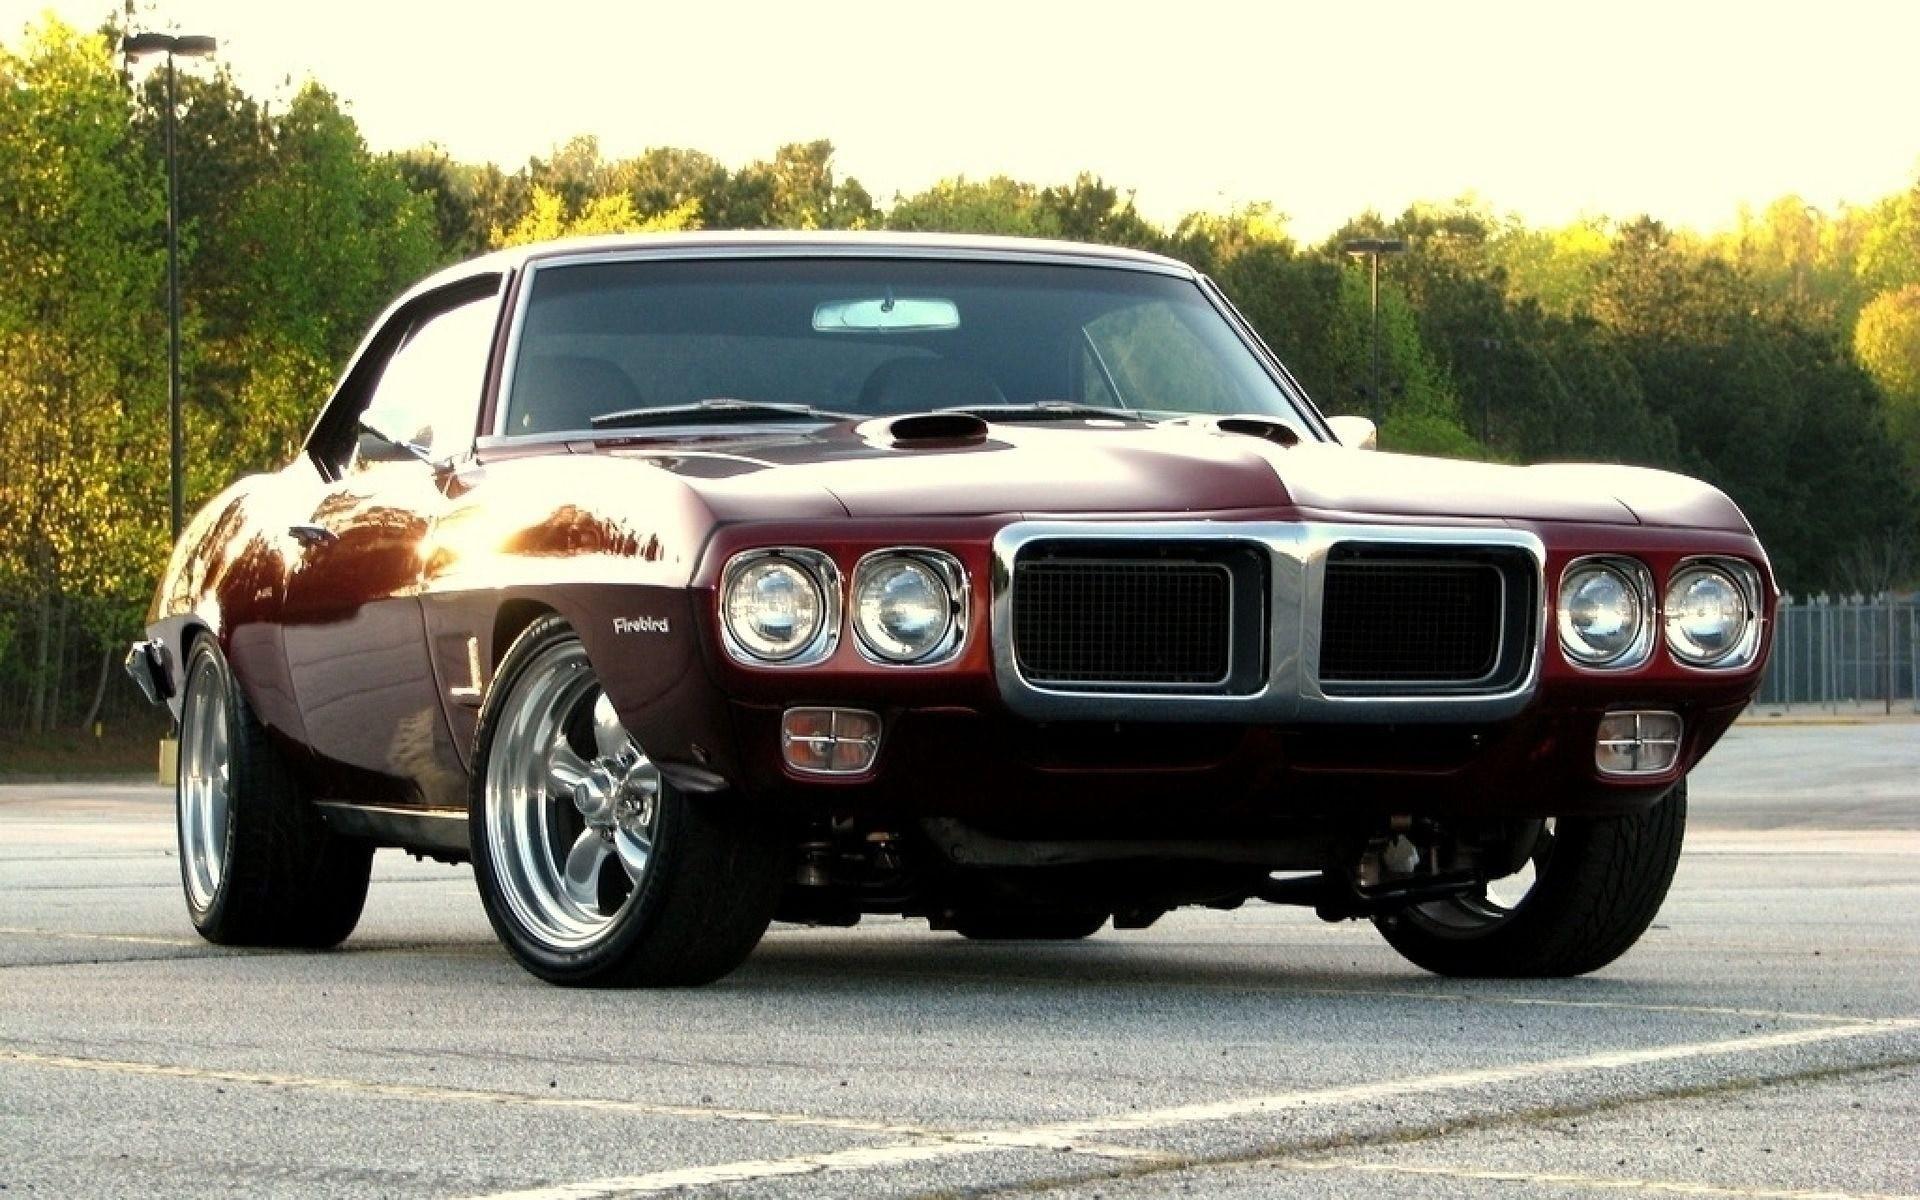 Res: 1920x1200, 1969 pontiac firebird cars muscle wallpaper